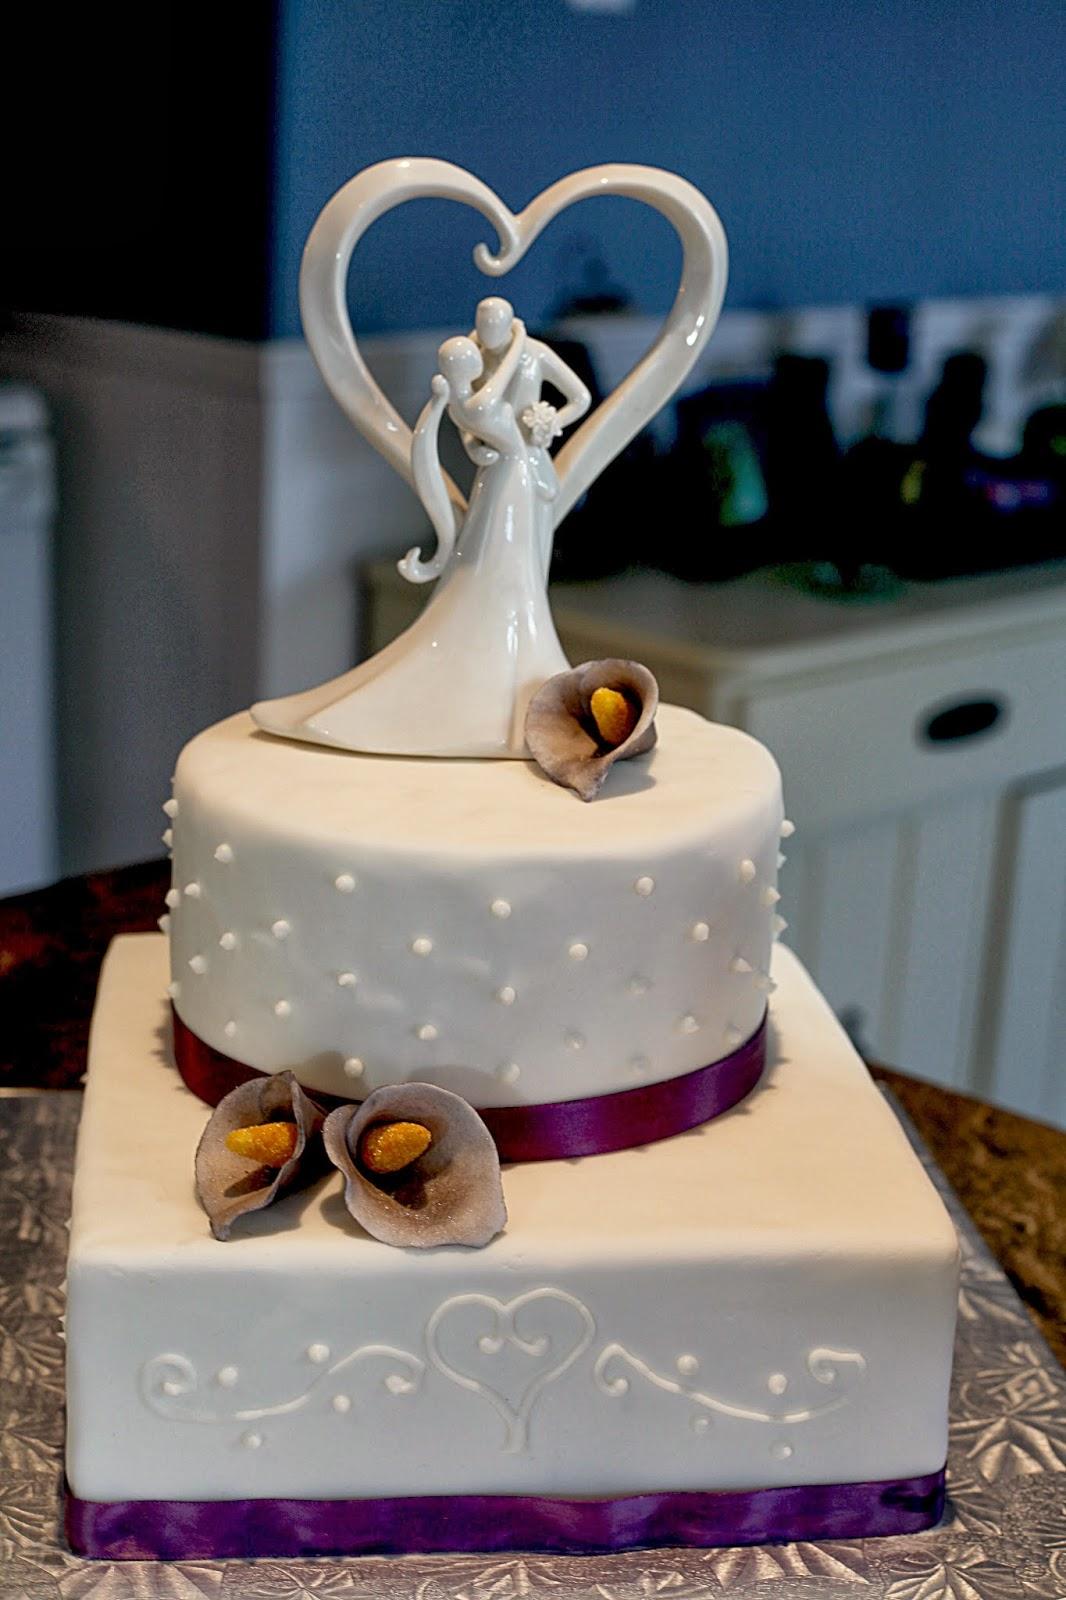 Second Generation Cake Design Purple Calla Lily Wedding Cake - Calla Lilly Wedding Cake